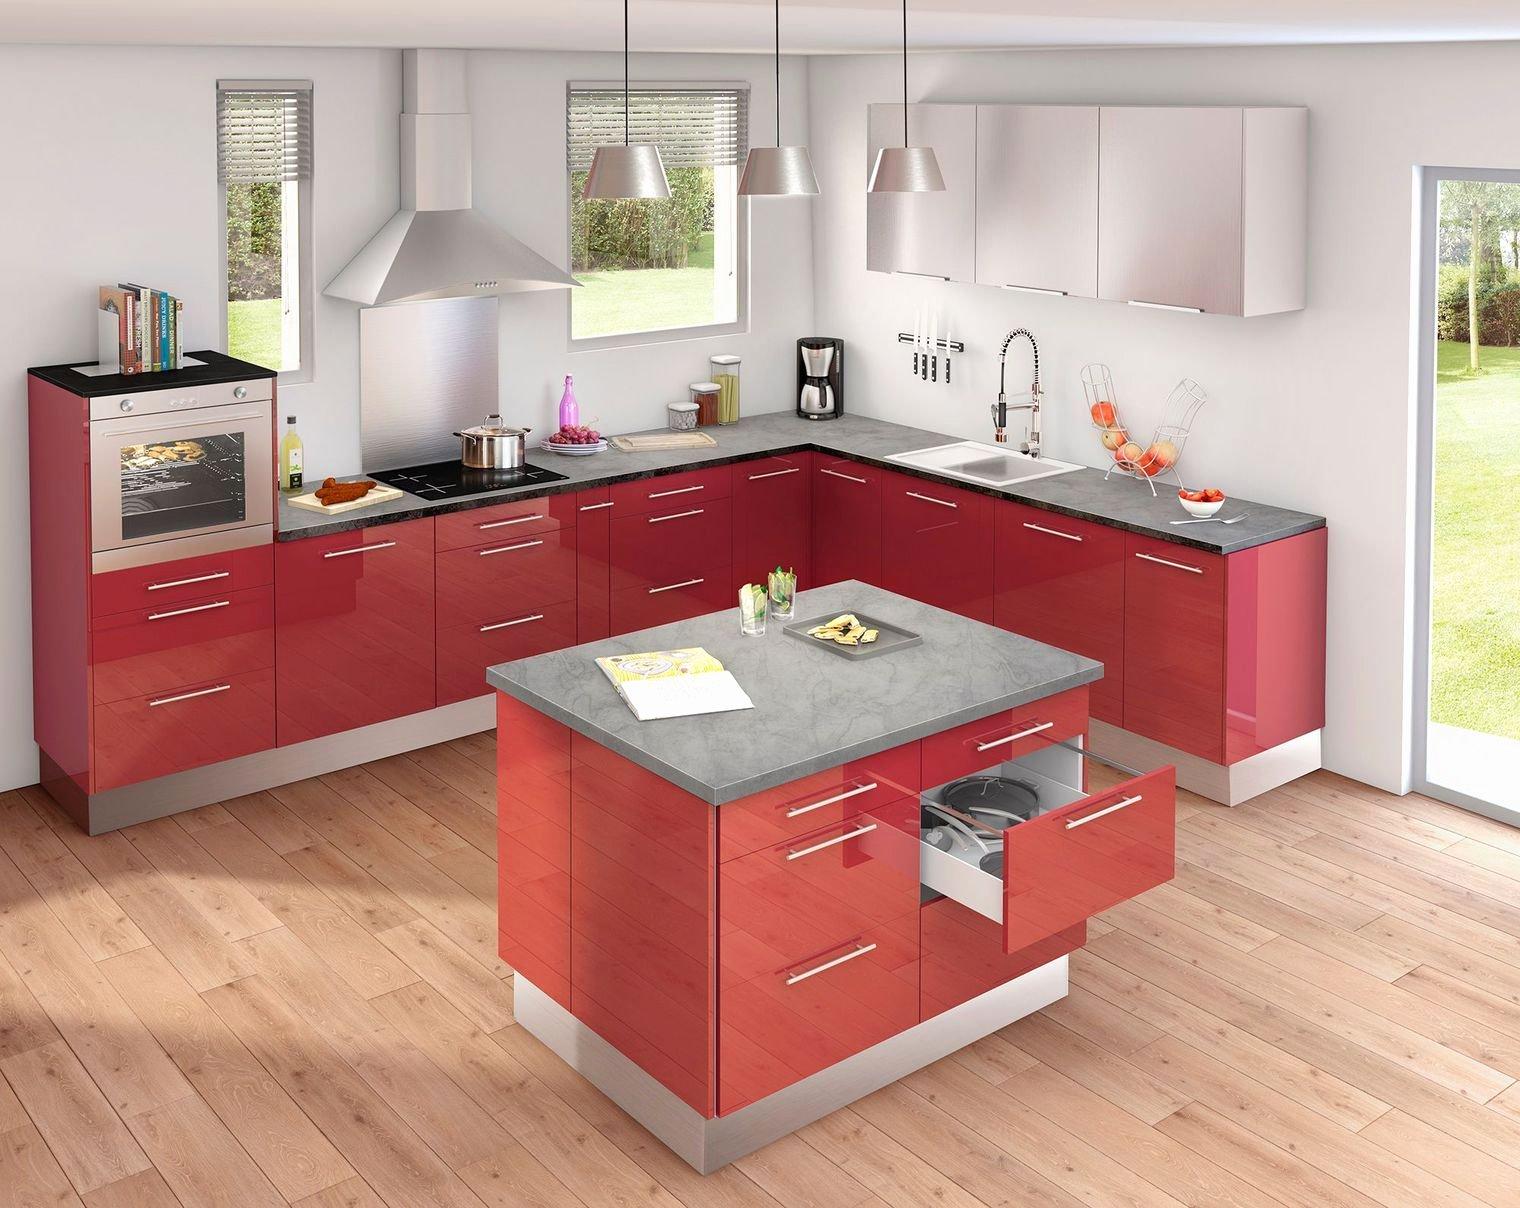 modele cuisine brico depot. Black Bedroom Furniture Sets. Home Design Ideas